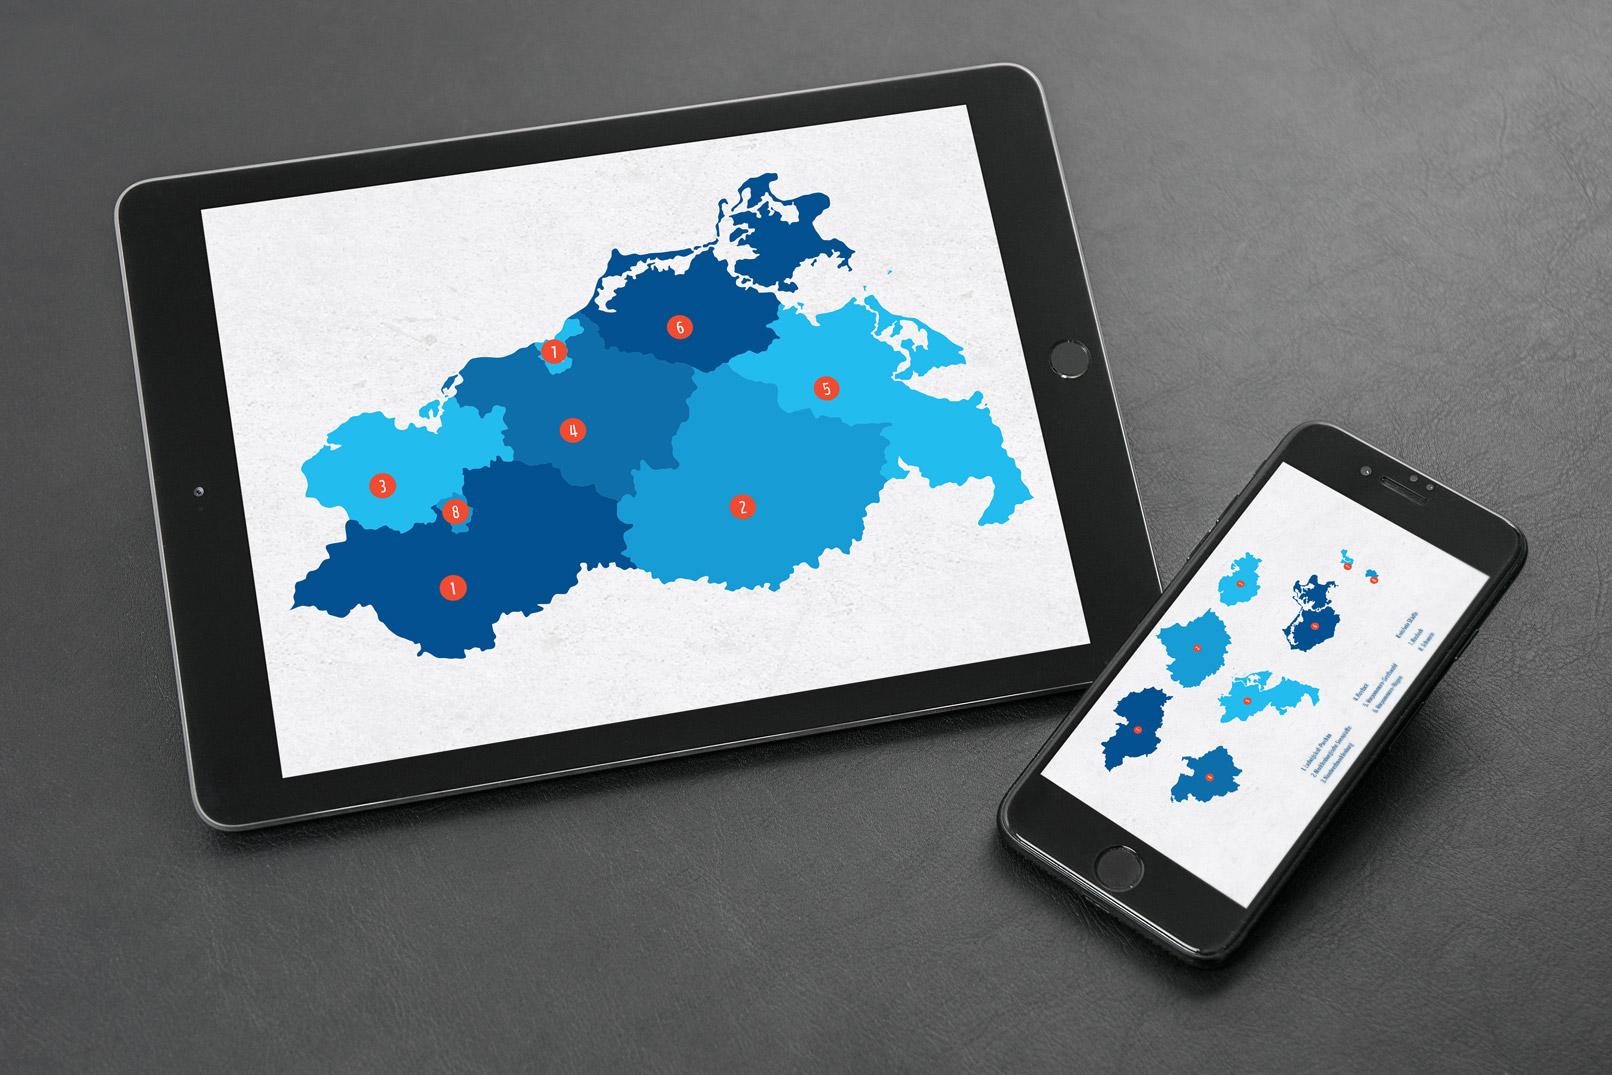 Landkarte von Mecklenburg-Vorpommern mit allen Landkreisen und kreisfreien Städten